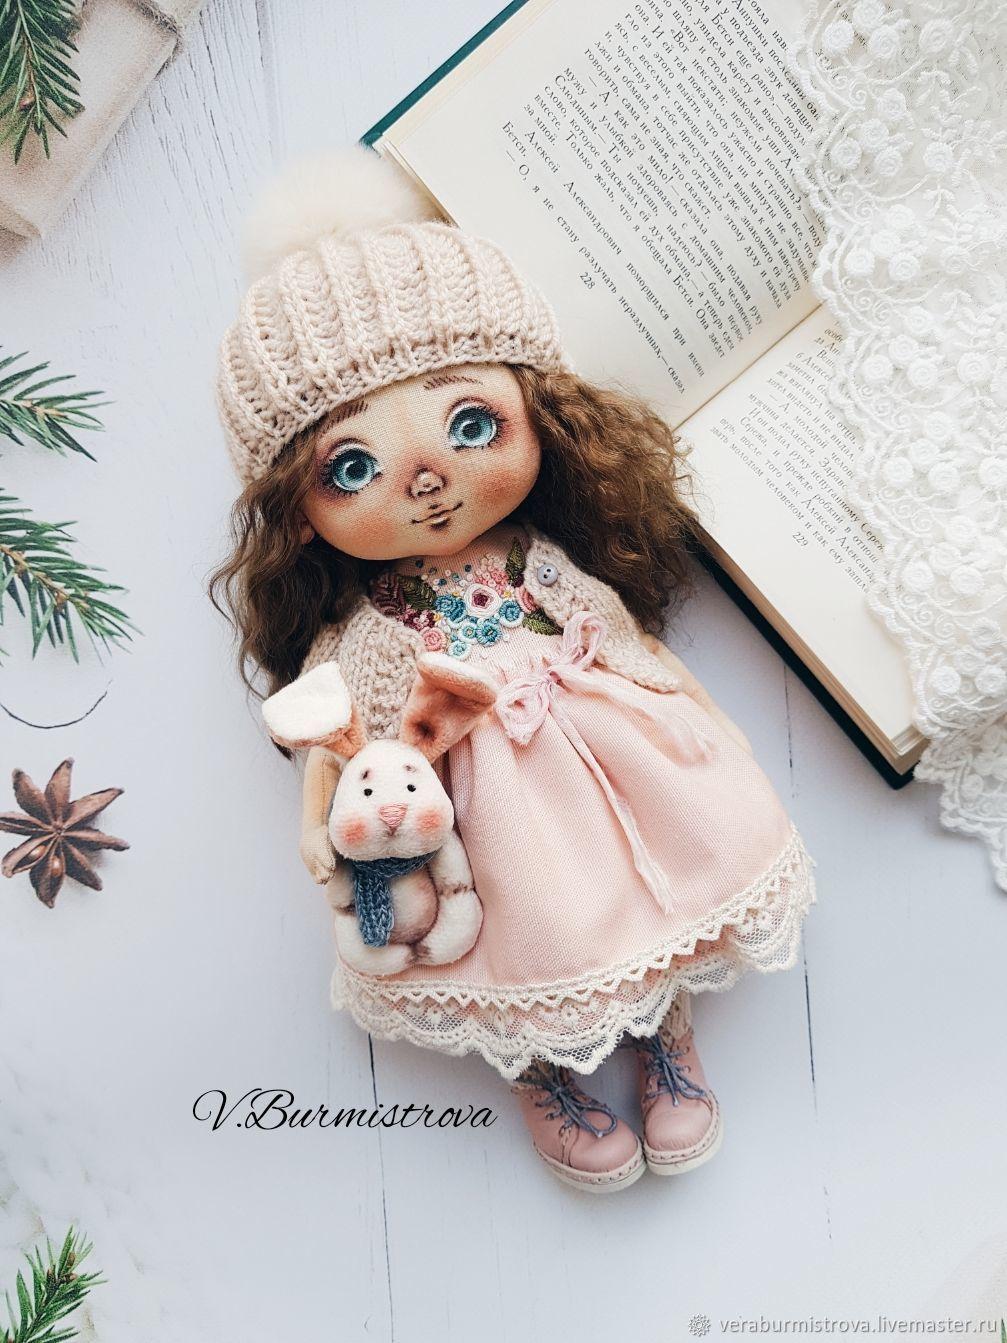 Кукла текстильная с зайкой, Куклы и пупсы, Калуга,  Фото №1